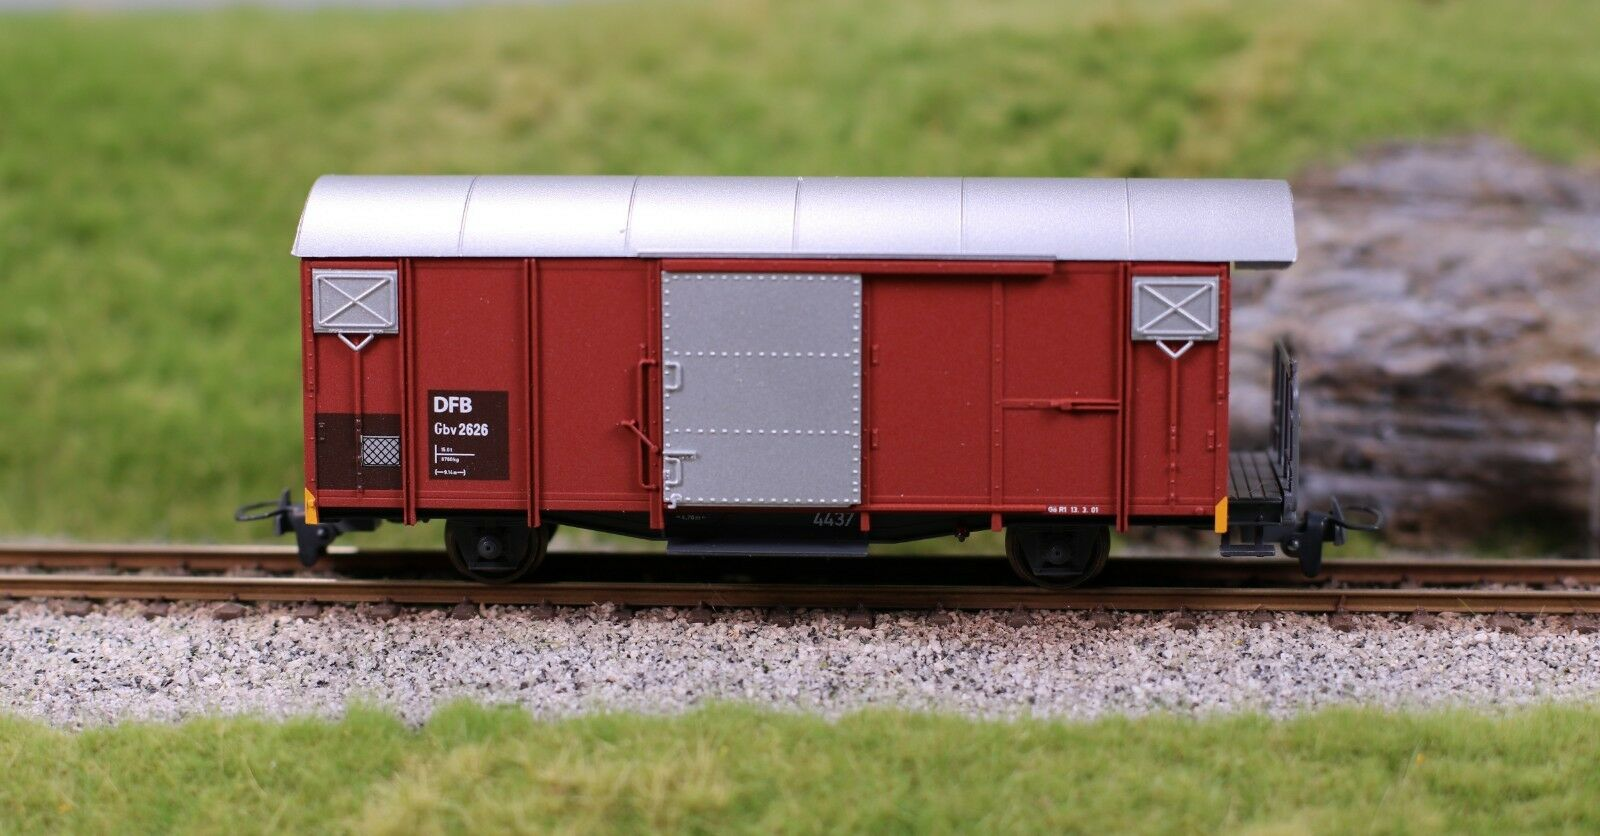 BEMO 2250 296 A Vapore Treno FURKA-Berg tratto GBV 2626 MODELLO EXCLUSIV